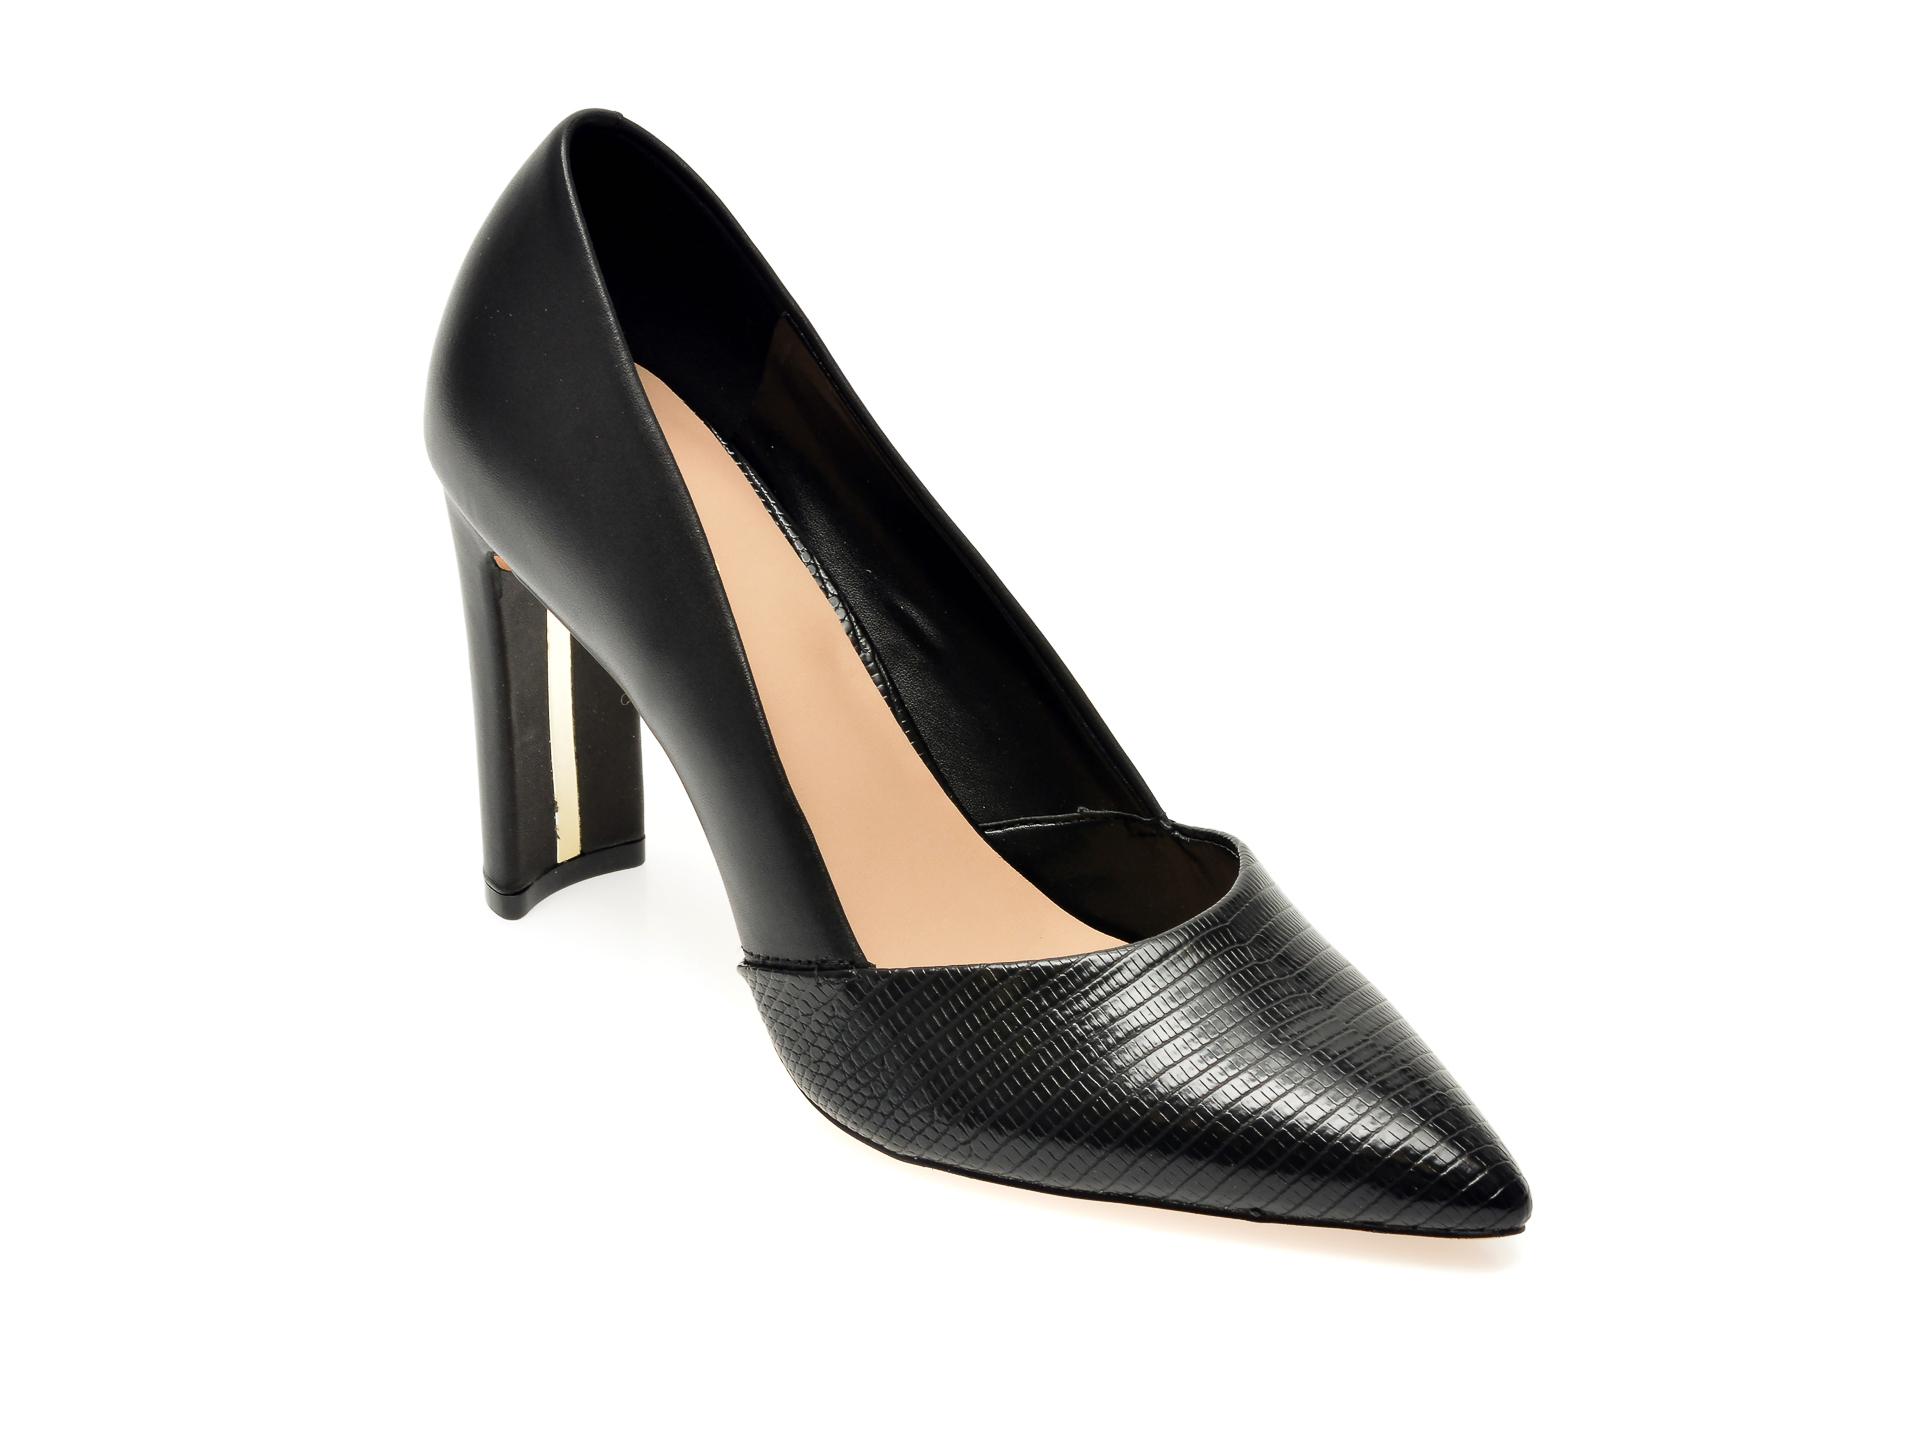 Pantofi ALDO negri, Adworen001, din piele naturala imagine otter.ro 2021